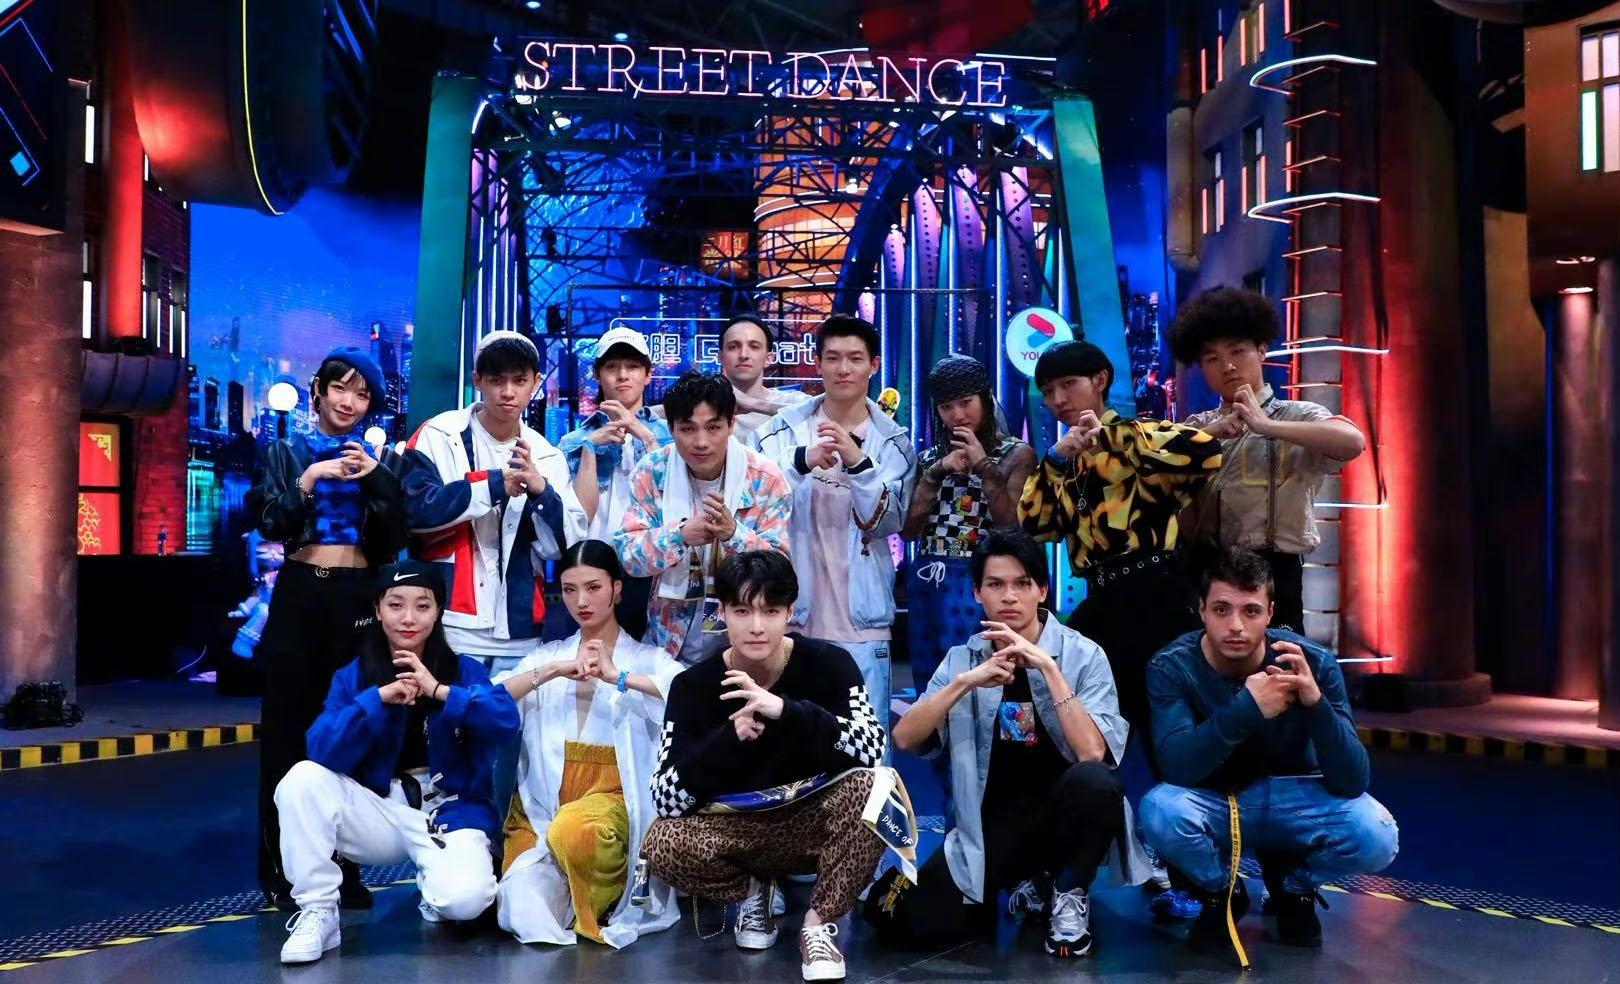 《街舞4》开录,张艺兴连夜抵达战场,新任队长刘宪华在线求队名